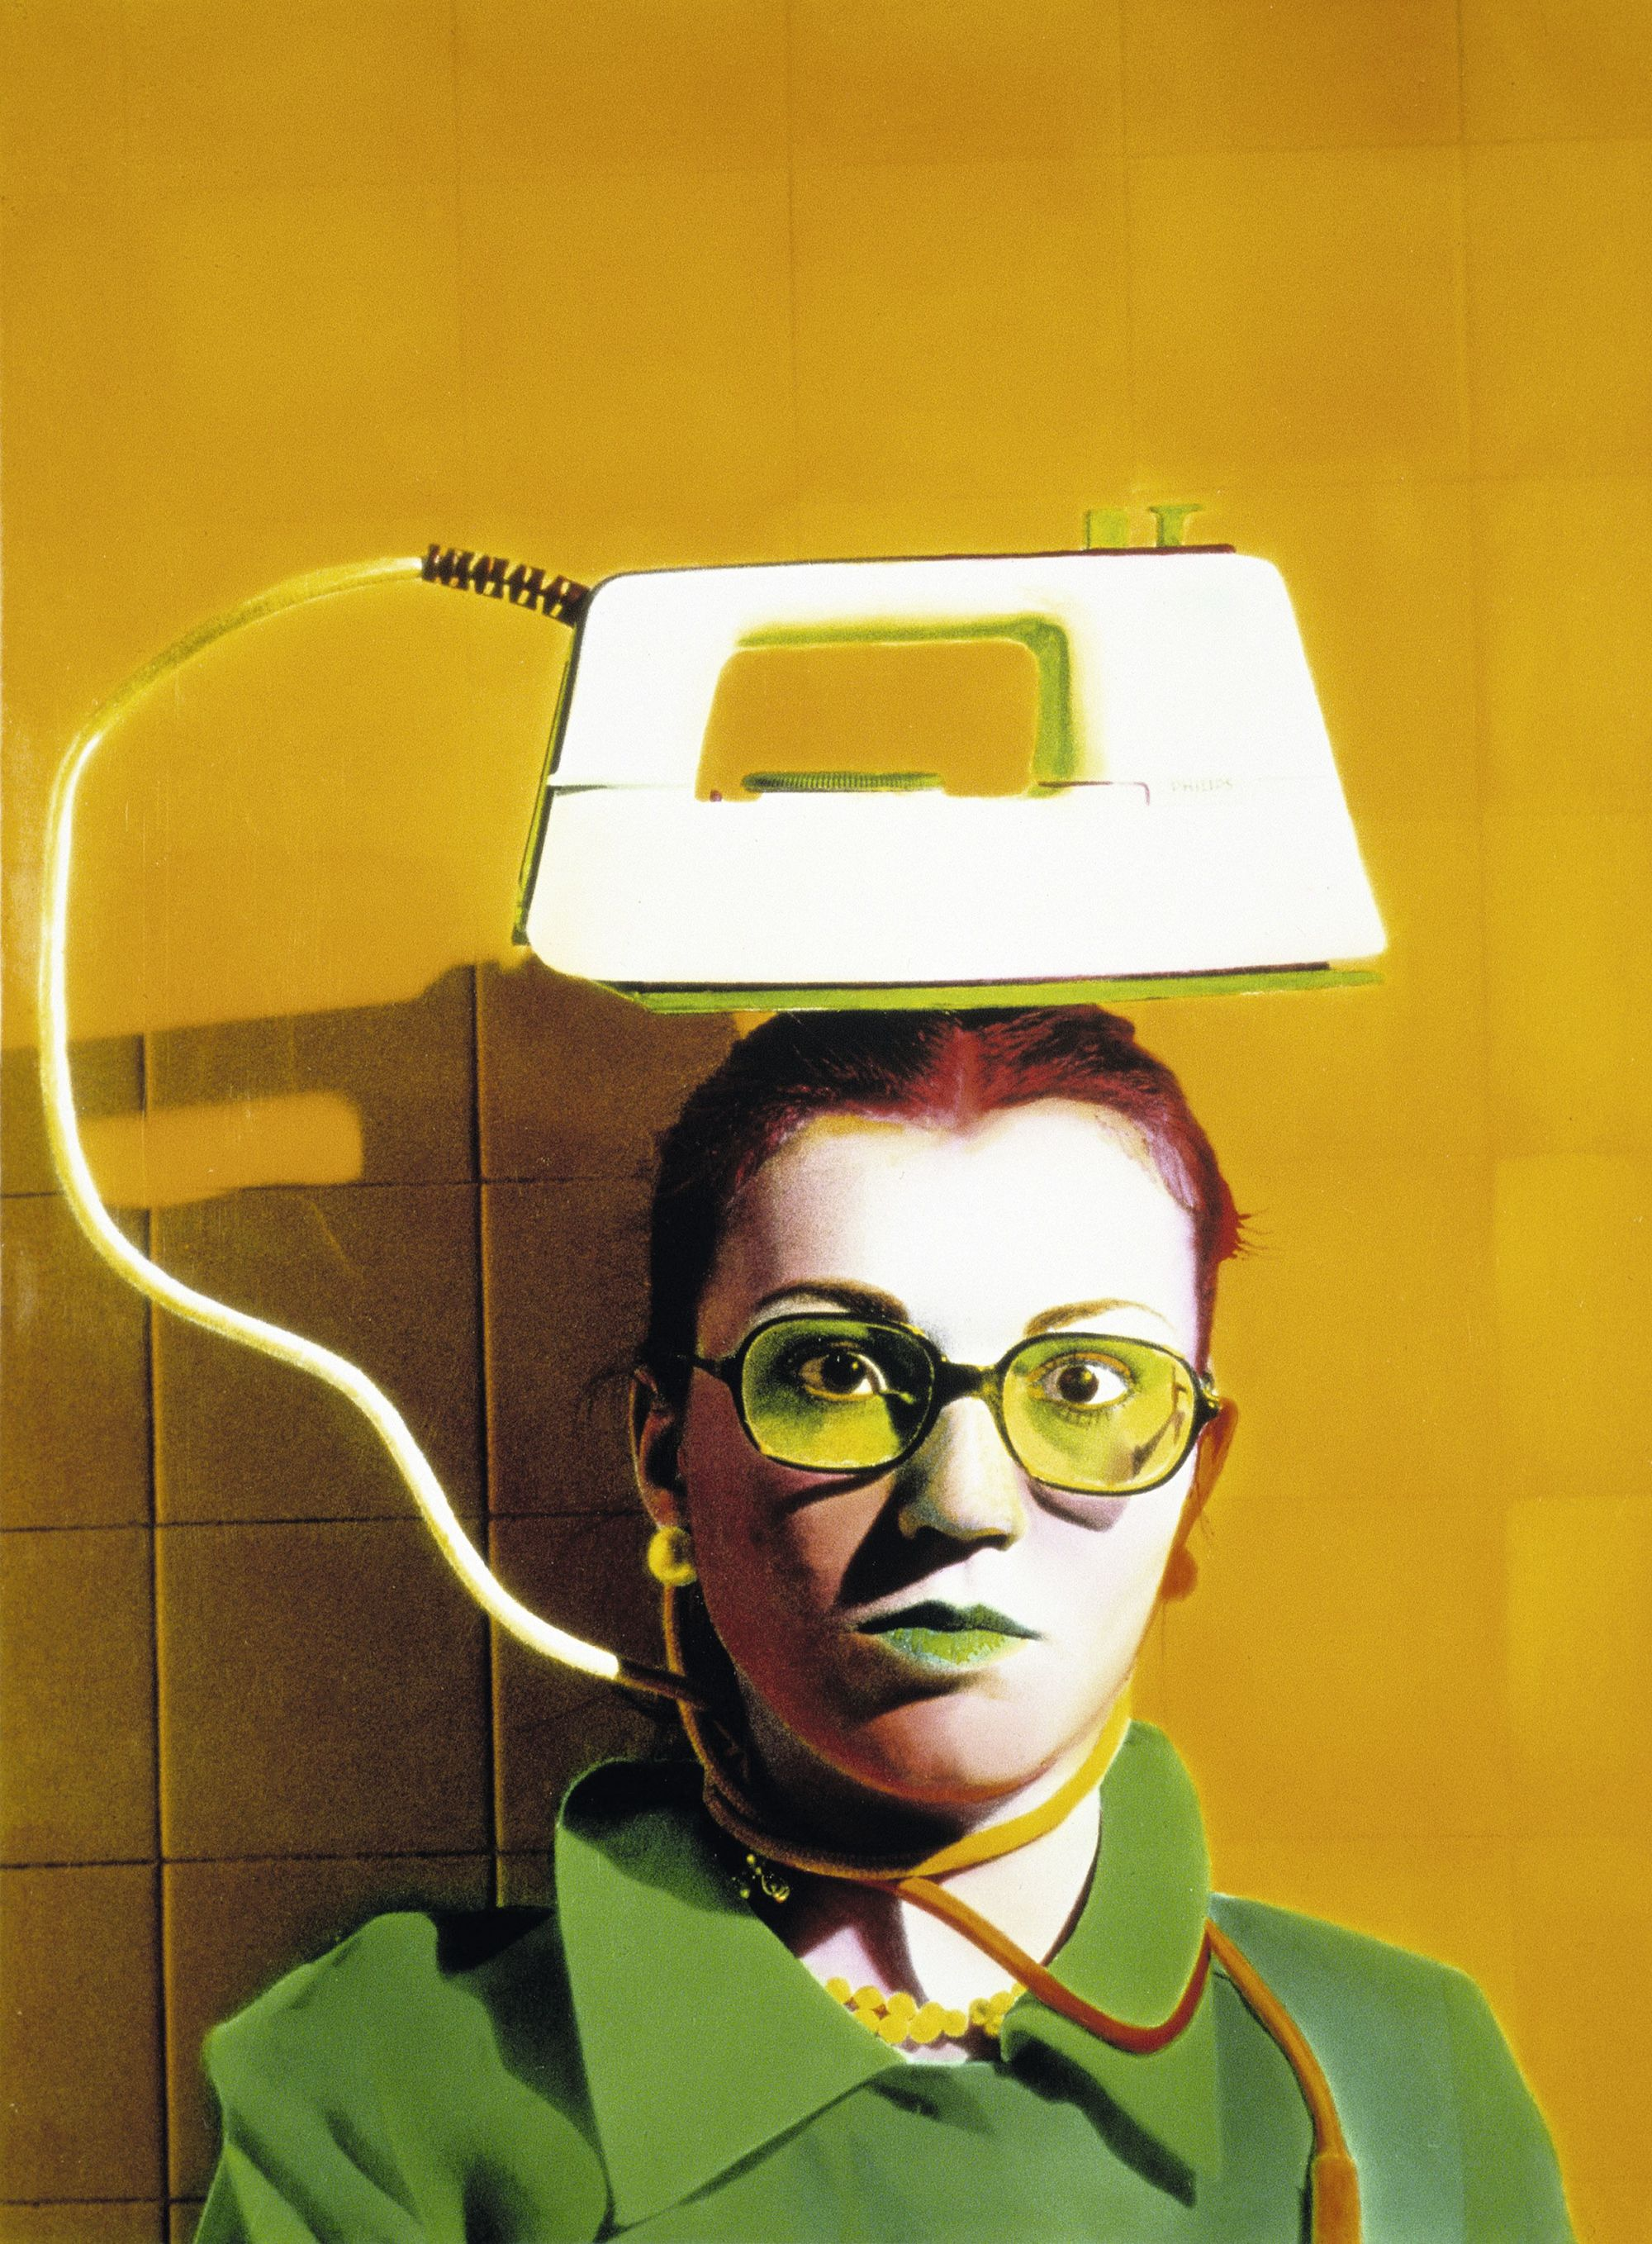 Ouka Leele, Salon de coiffure, de la série « Invraisemblances », 1979, photographie, Madrid, Espagne.